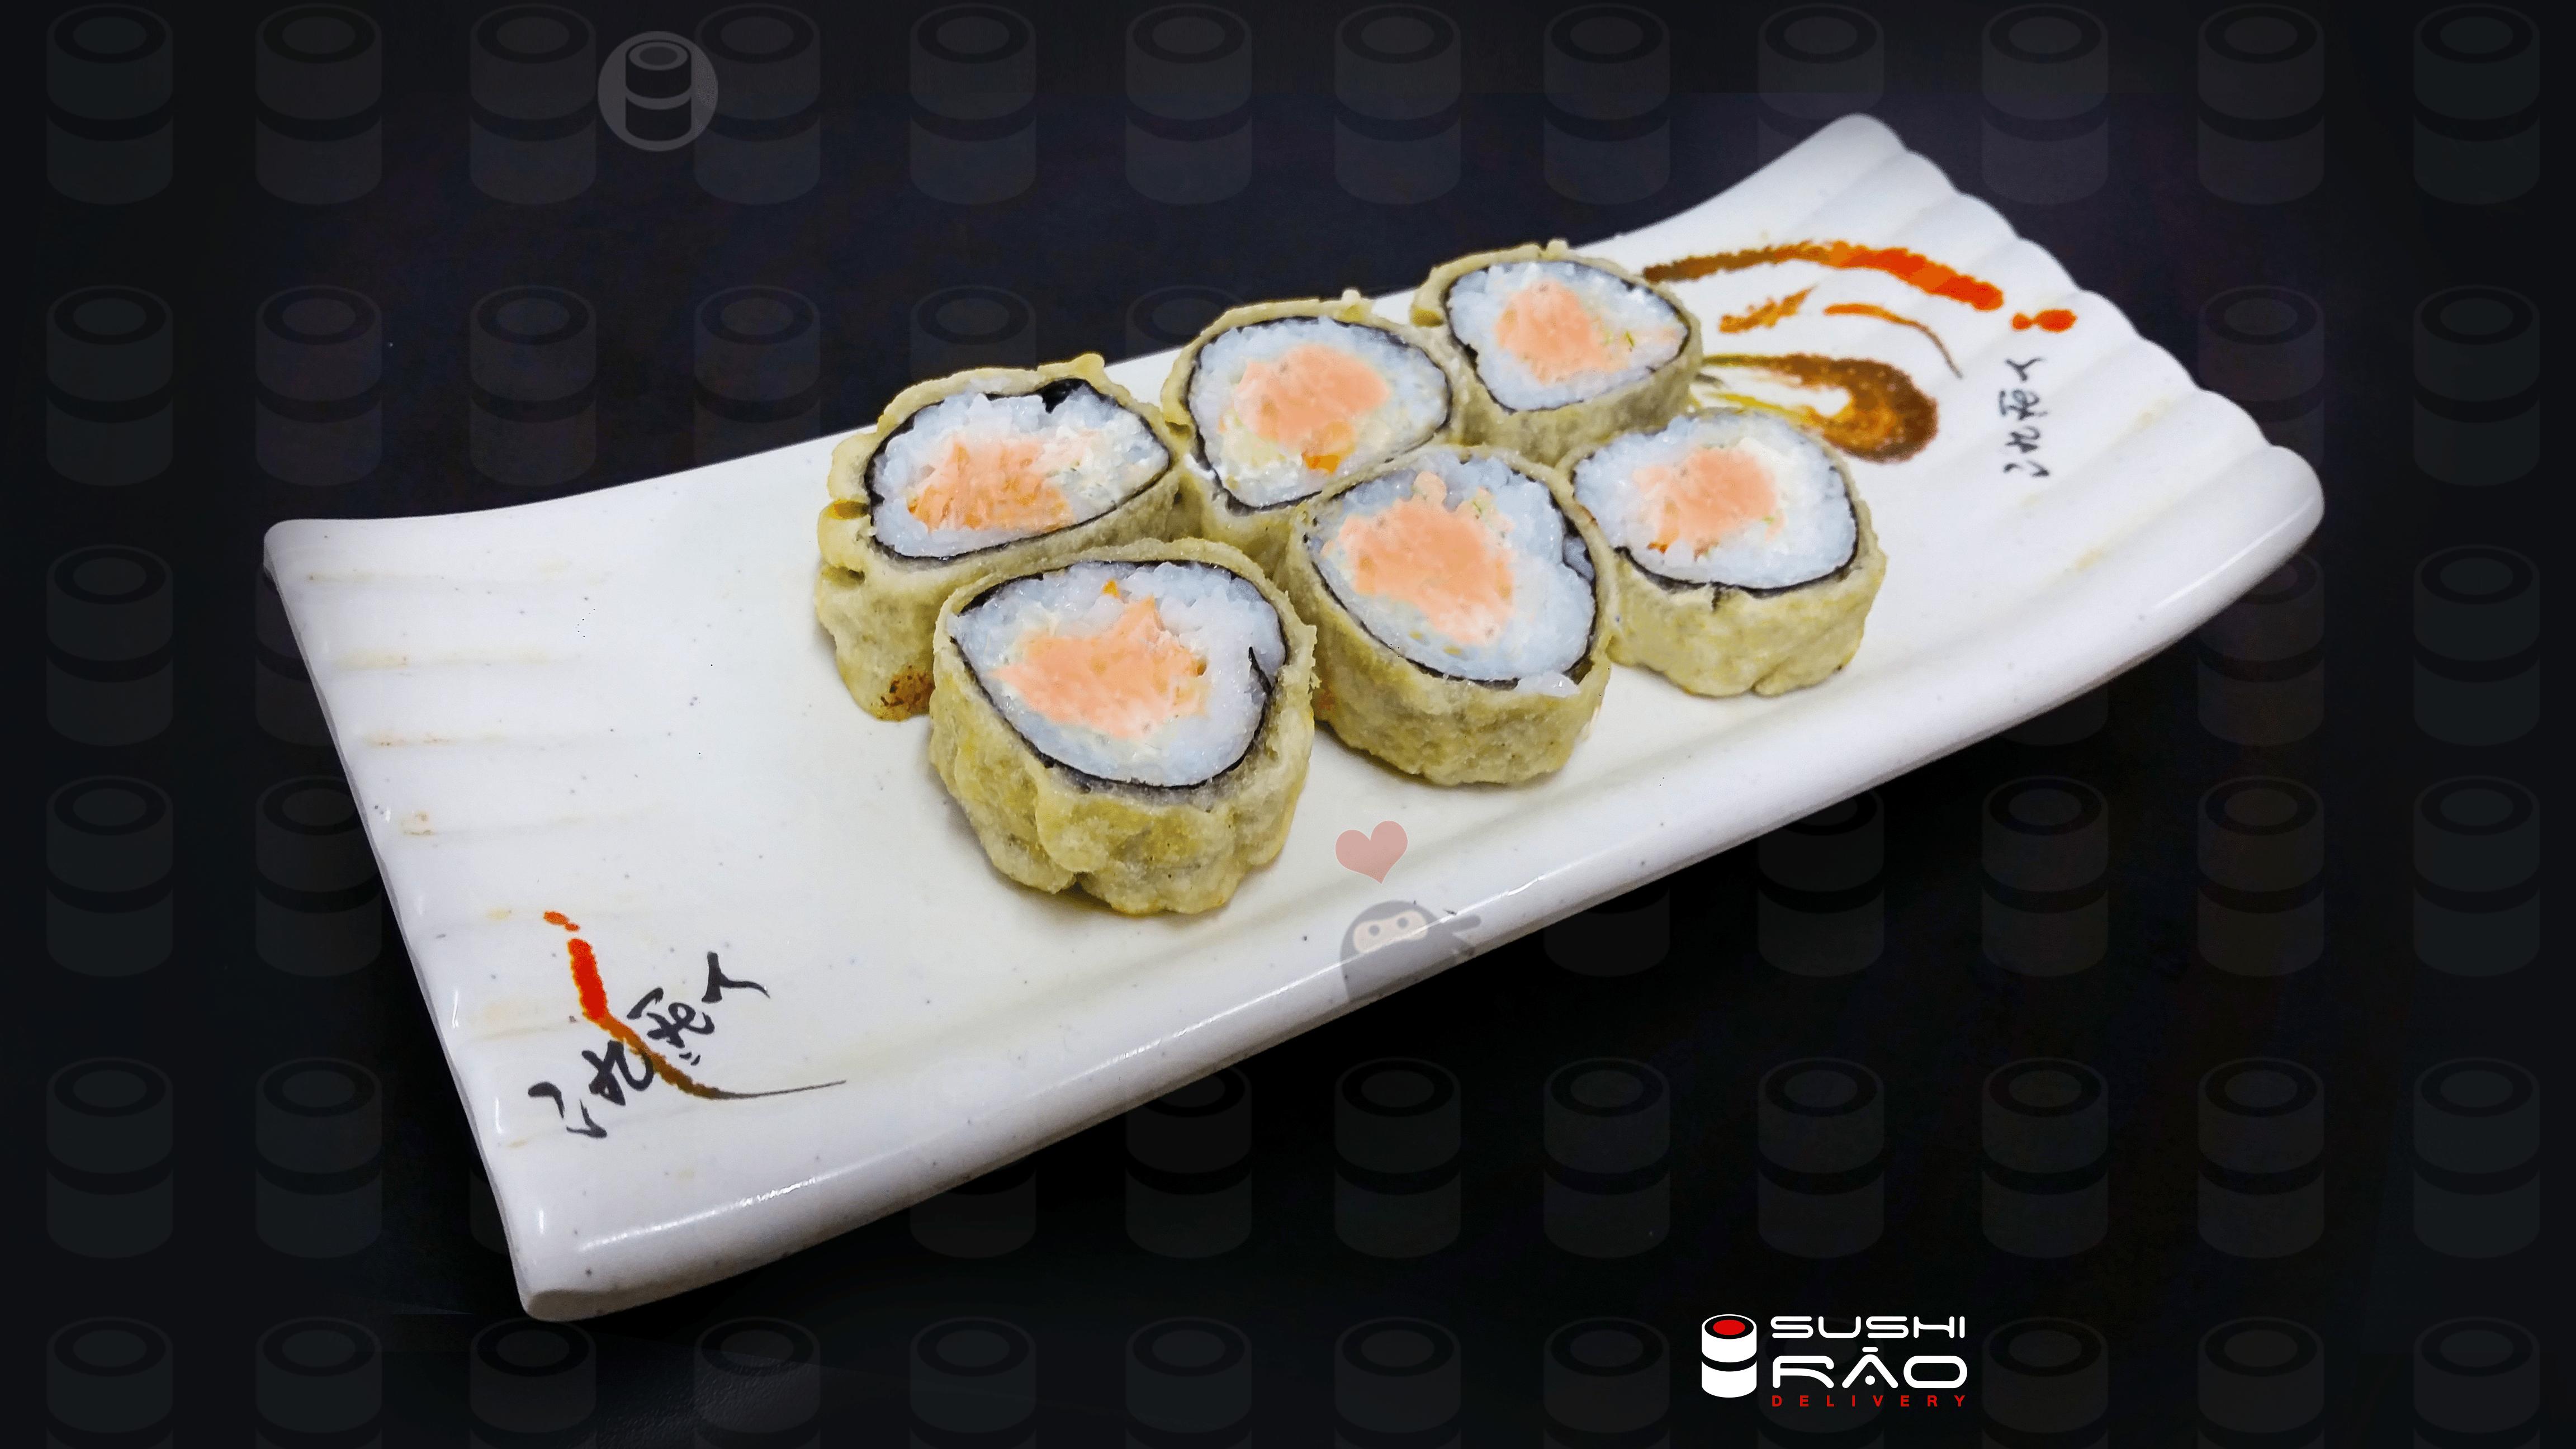 Hot Philadelphia | Delivery de Comida Japonesa Sushi Rão